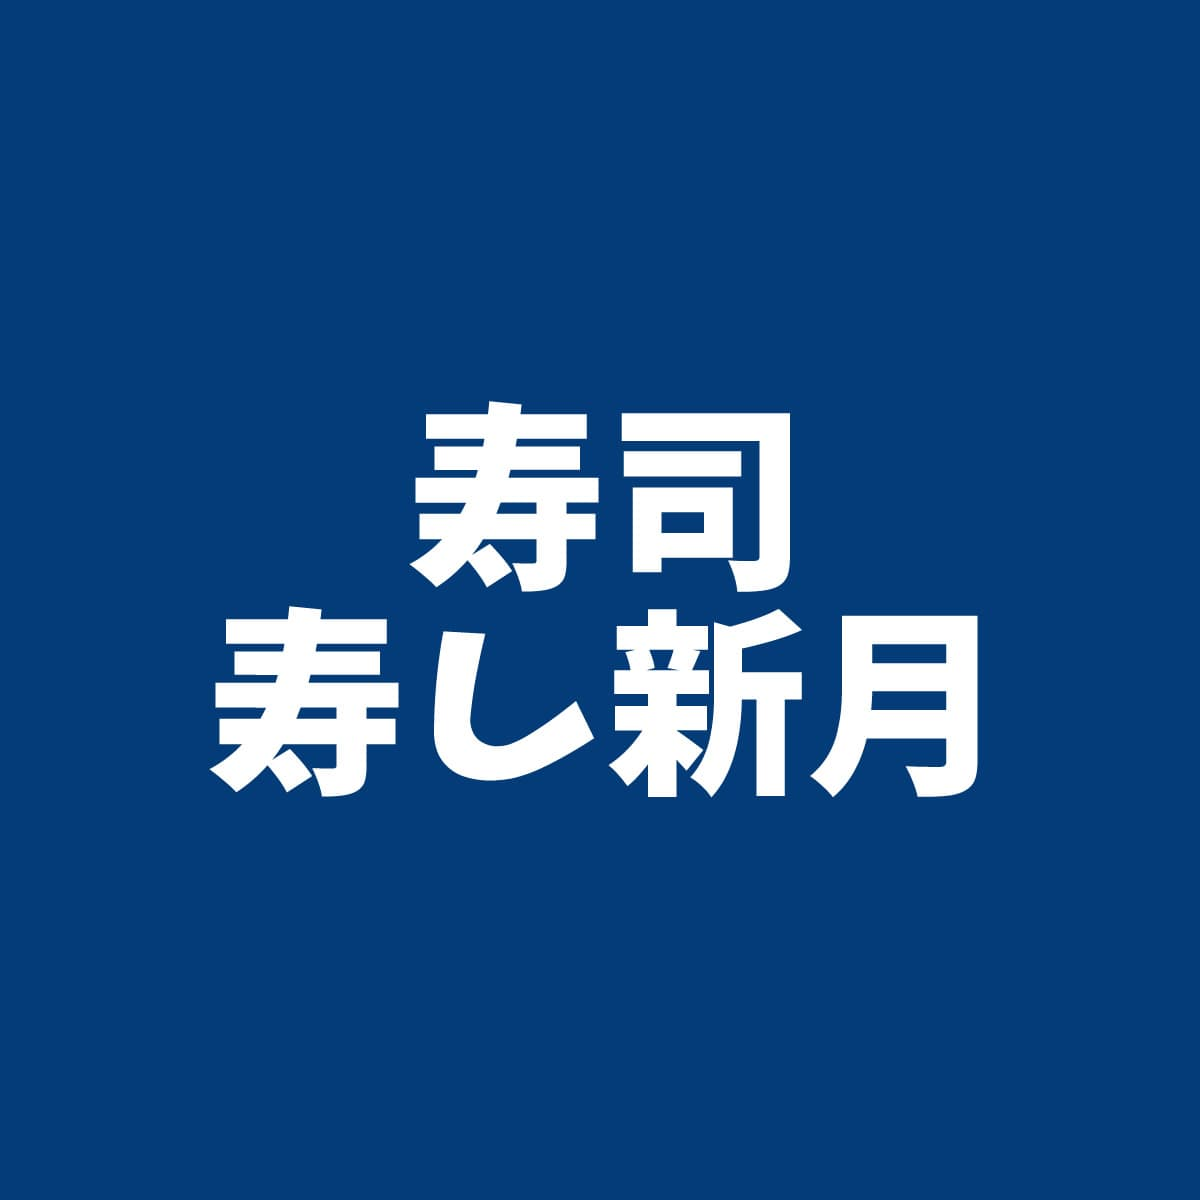 寿司「寿し新月」